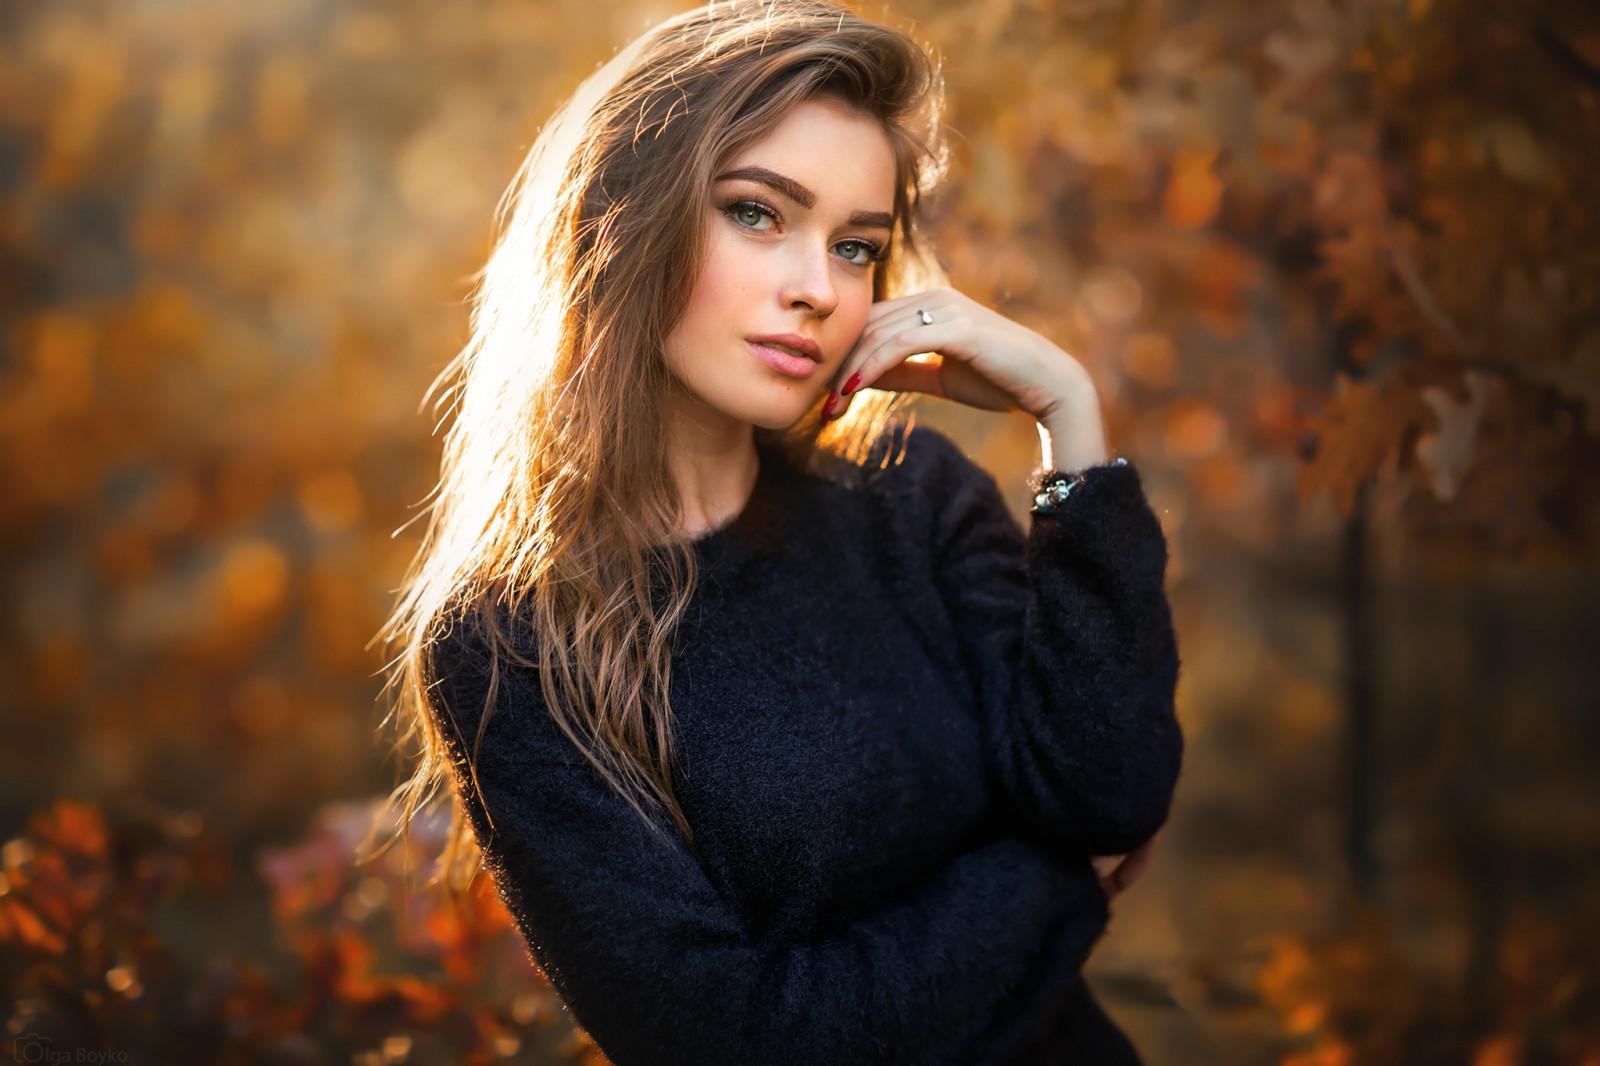 Красивая скромная девушка — 15